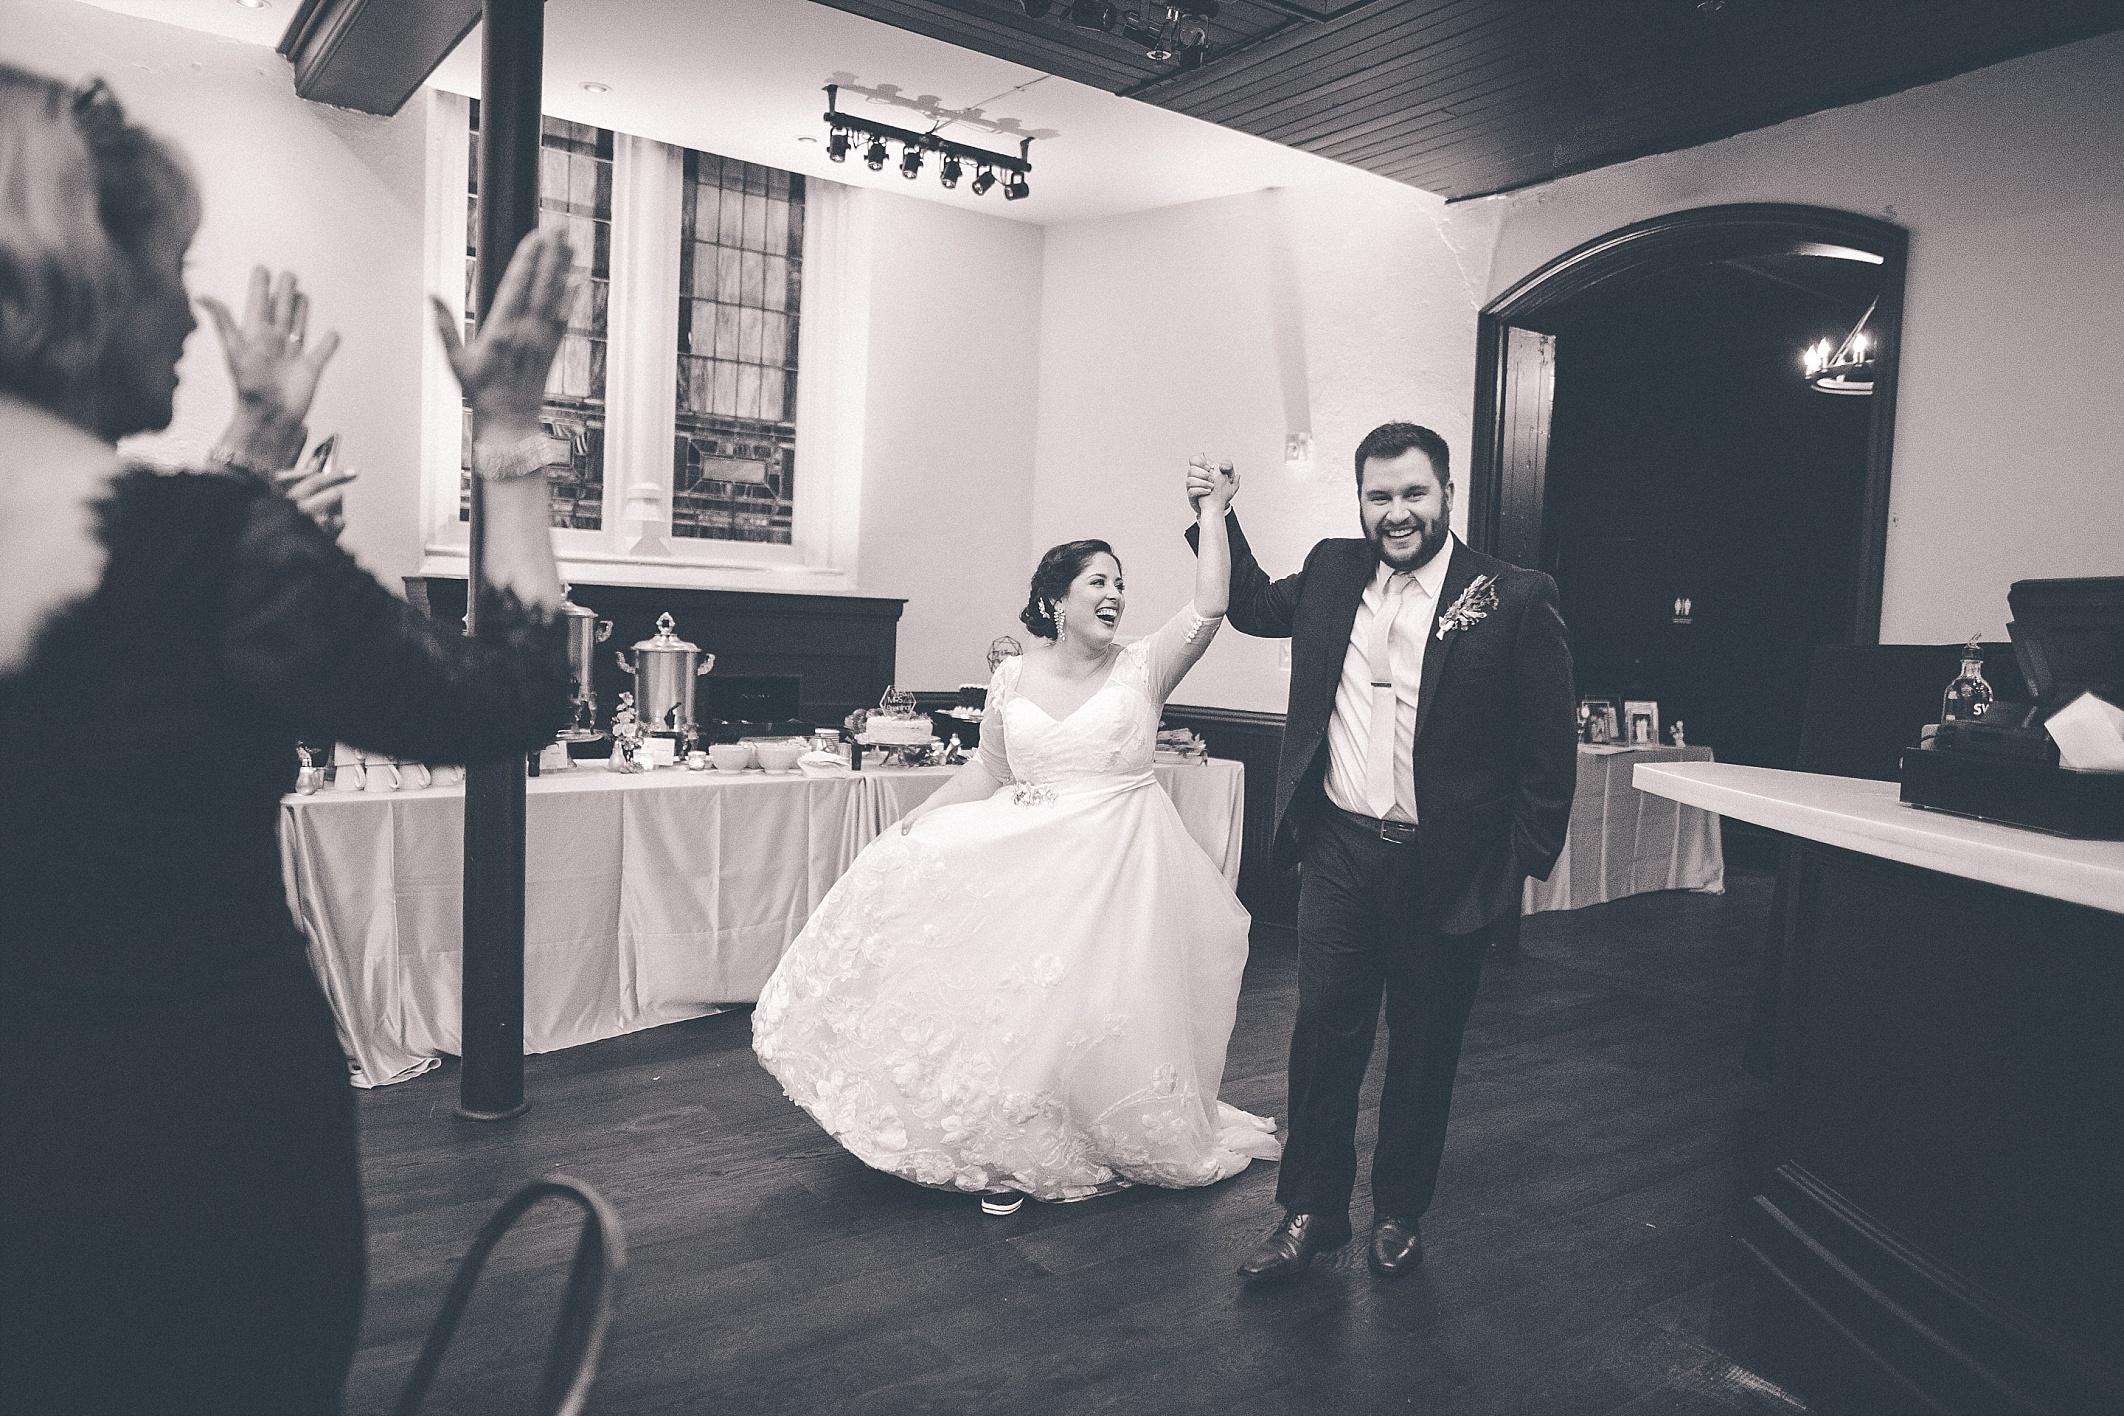 hilary-aaron-cincinnati-trancept-wedding-photographer-dayton-ohio_0044.jpg